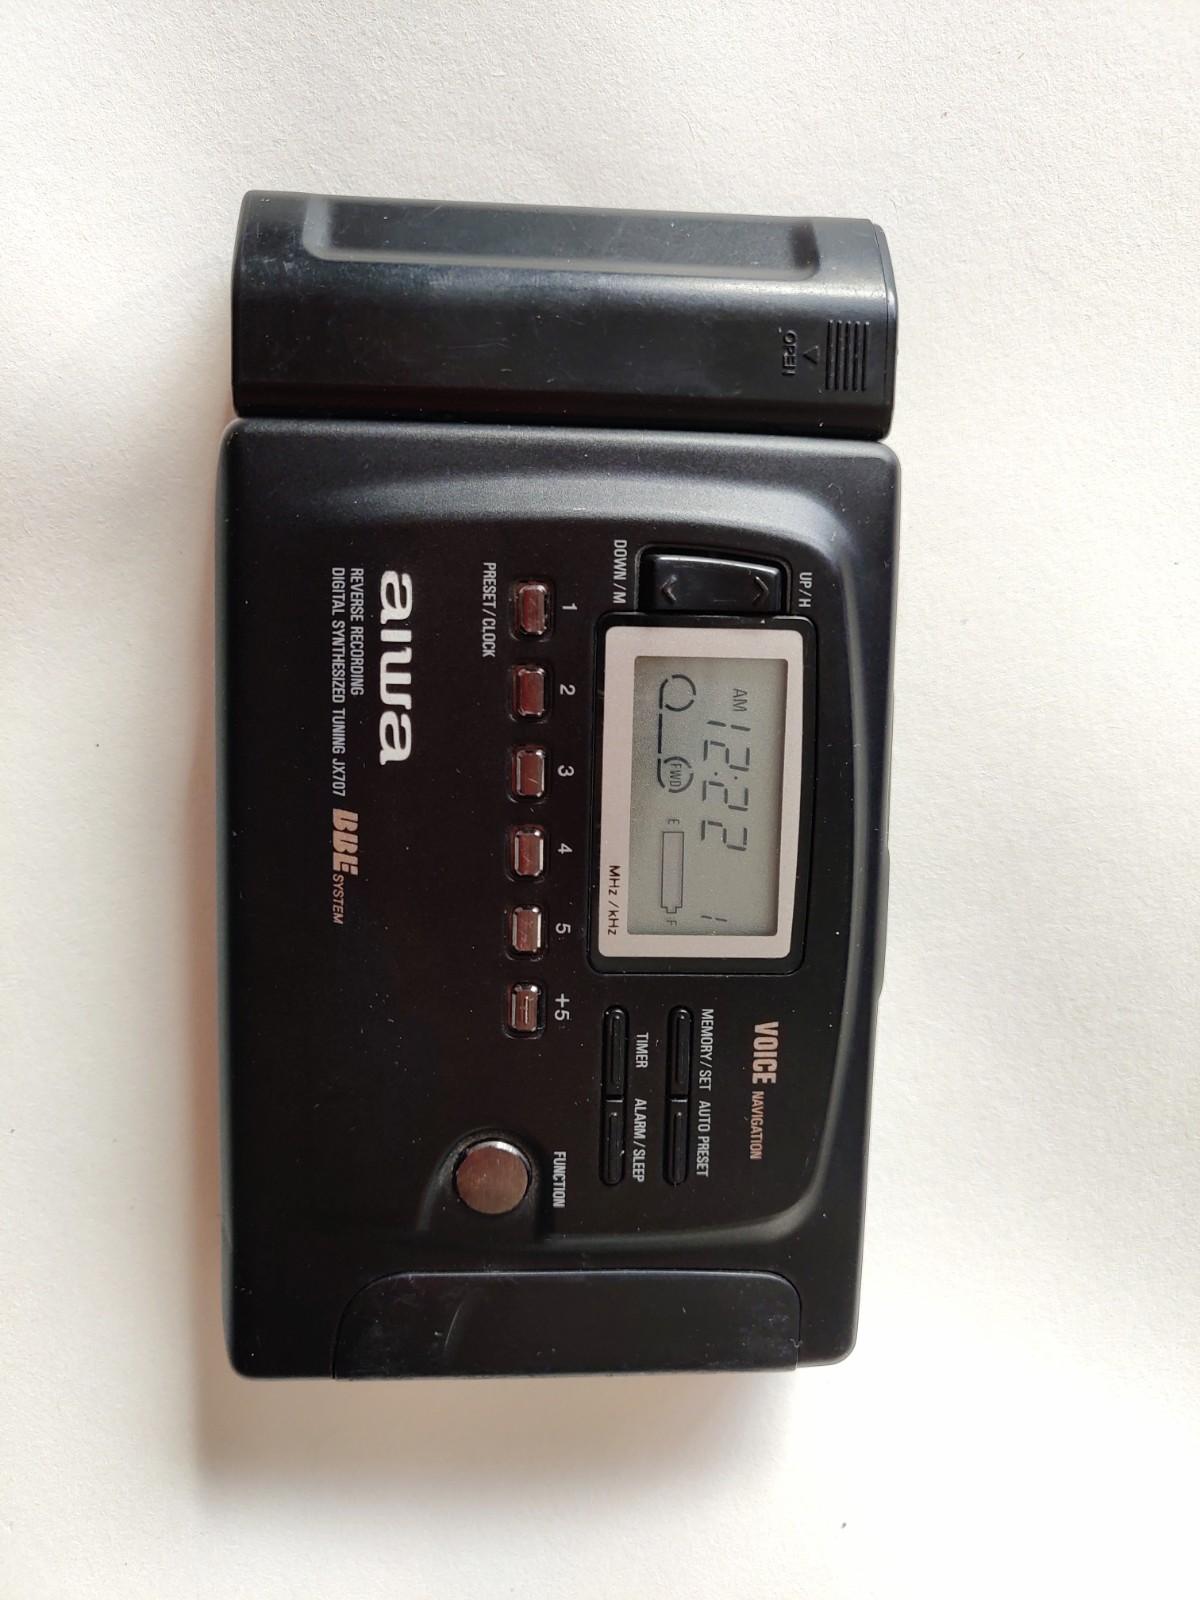 爱华高端磁带机JX707 磁带和收音机都好用,